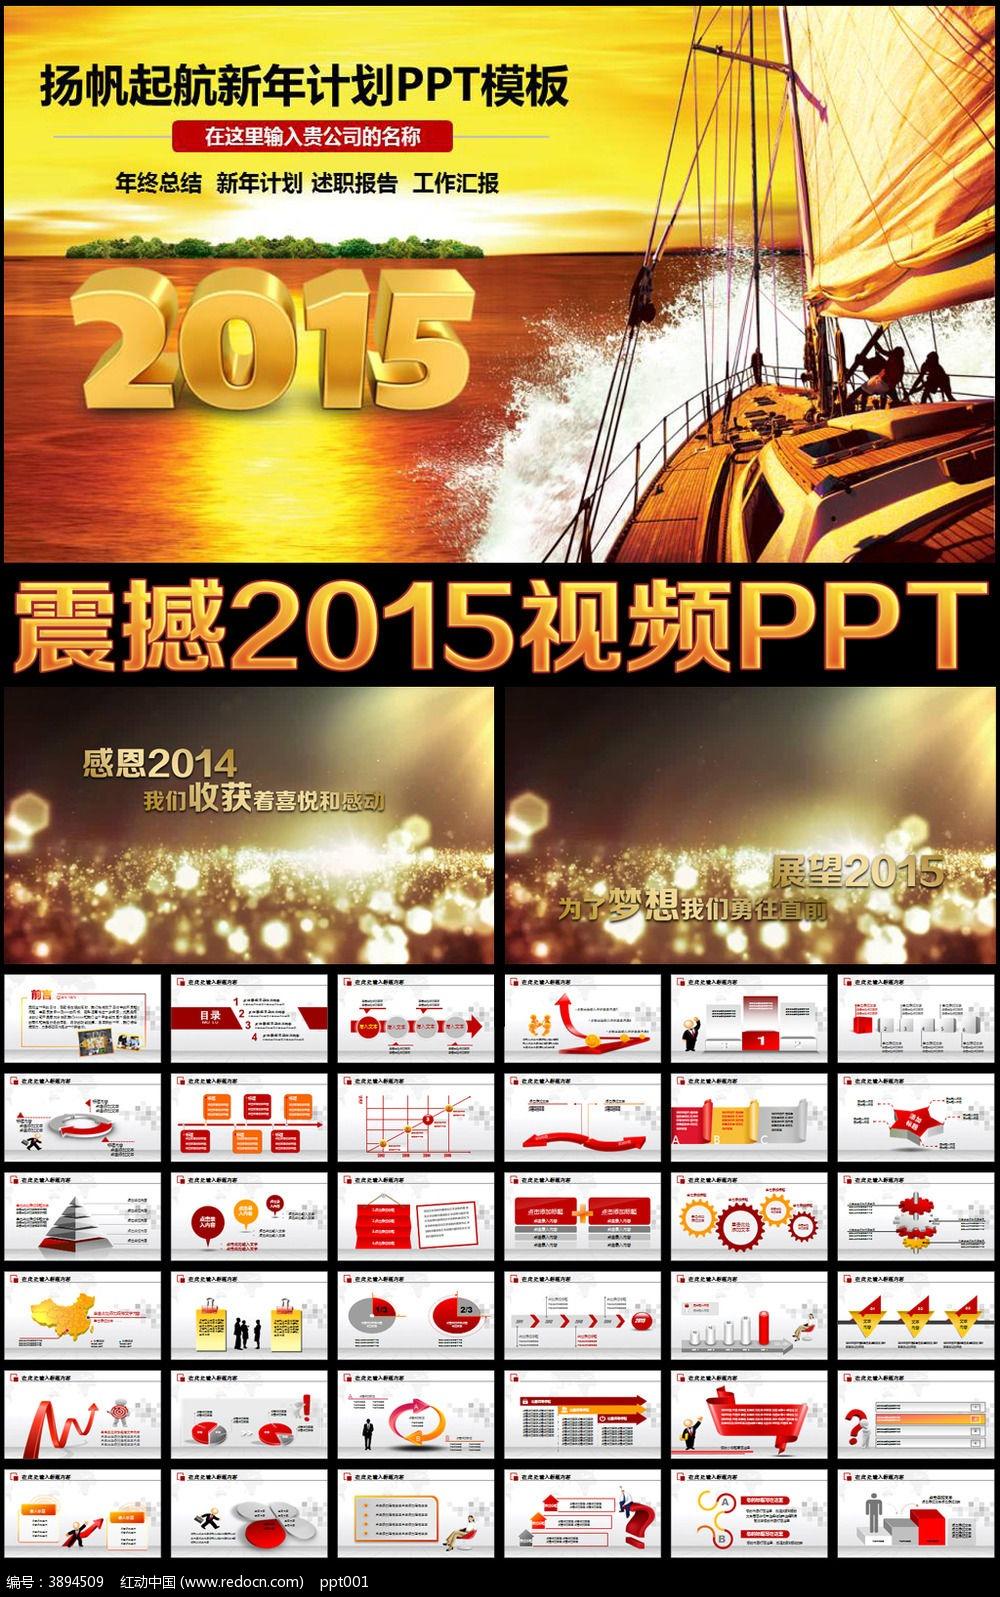 工作总结 开门红 春节 元旦 年会 2015年 羊年 年终总结 新年计划 PPT